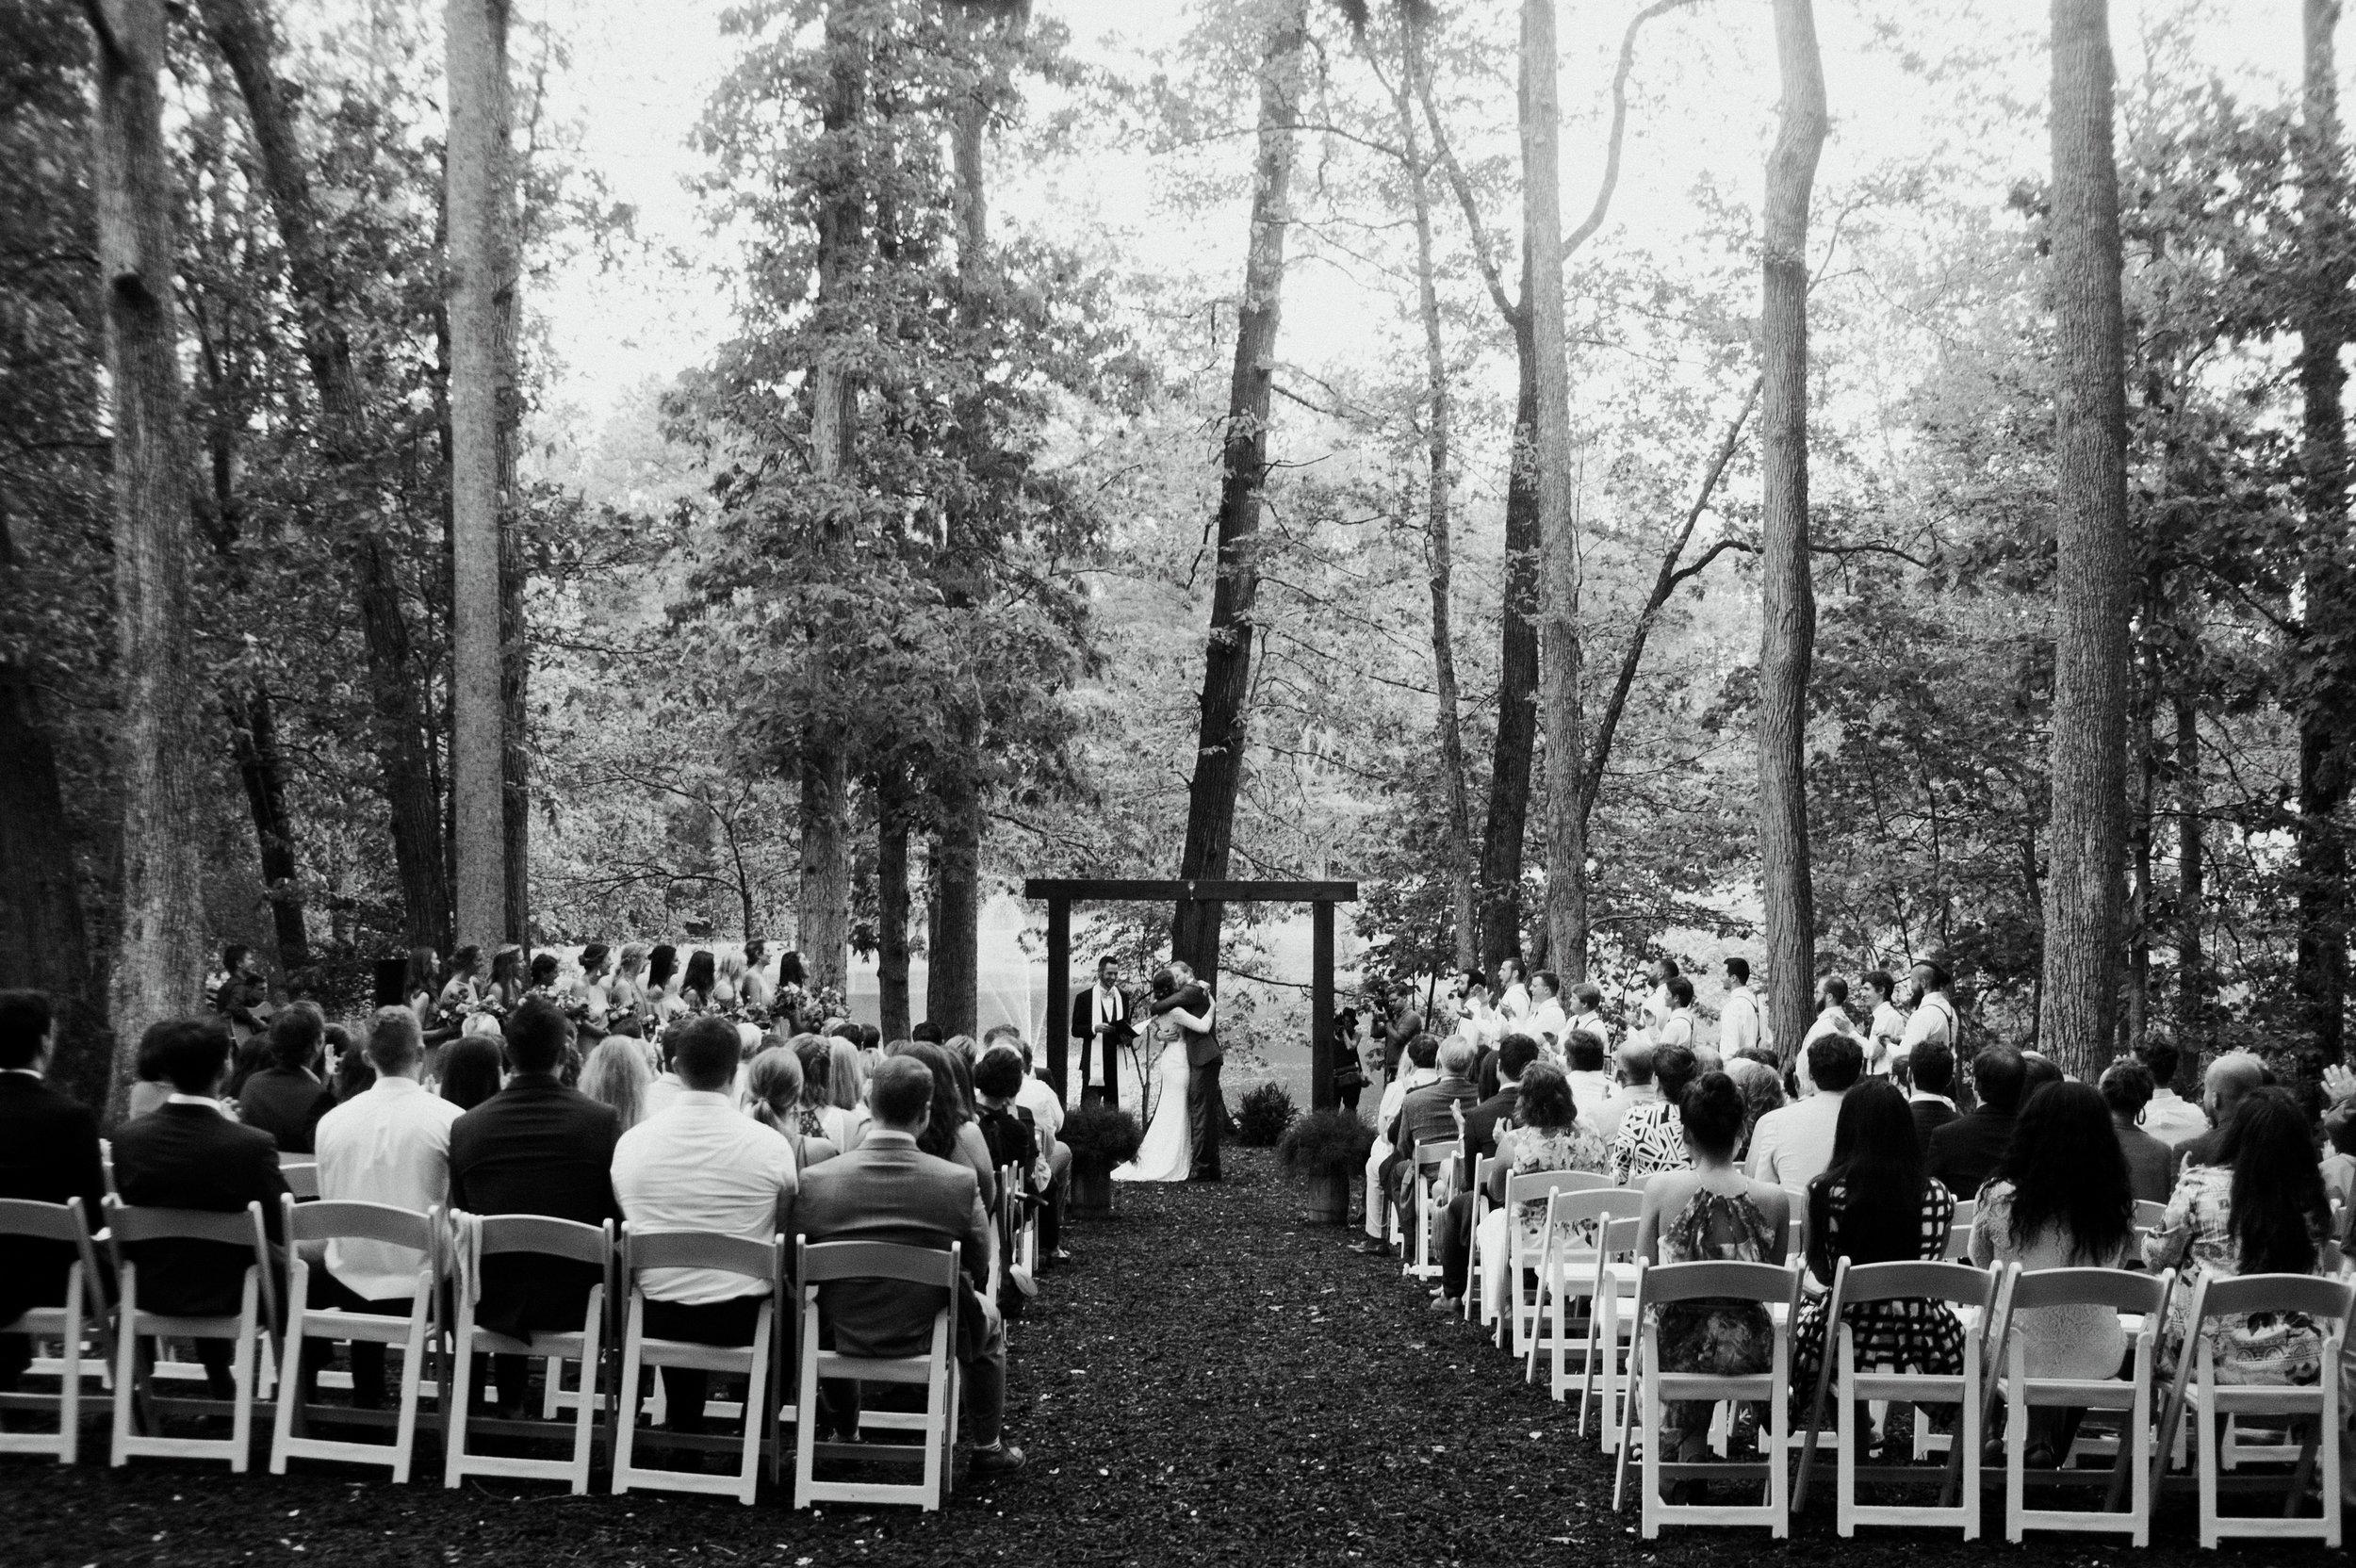 raleigh-elopement-photographer-raleigh-durham-wedding-maddie-and-devin- (159 of 162).jpg